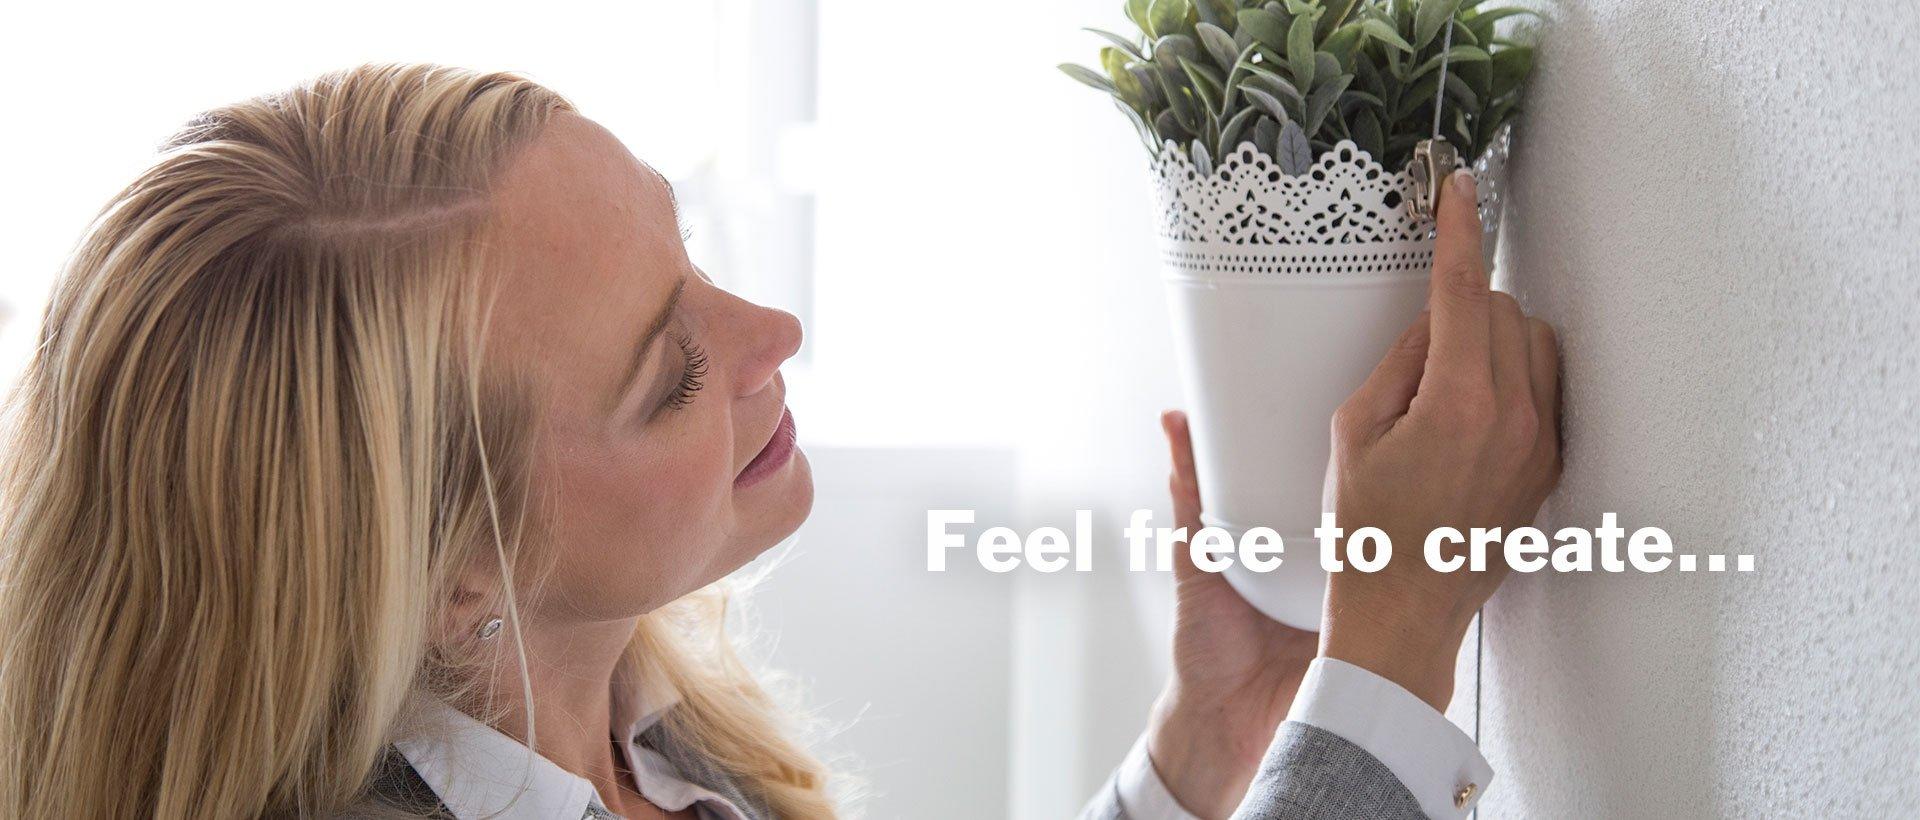 Accrochez une plante